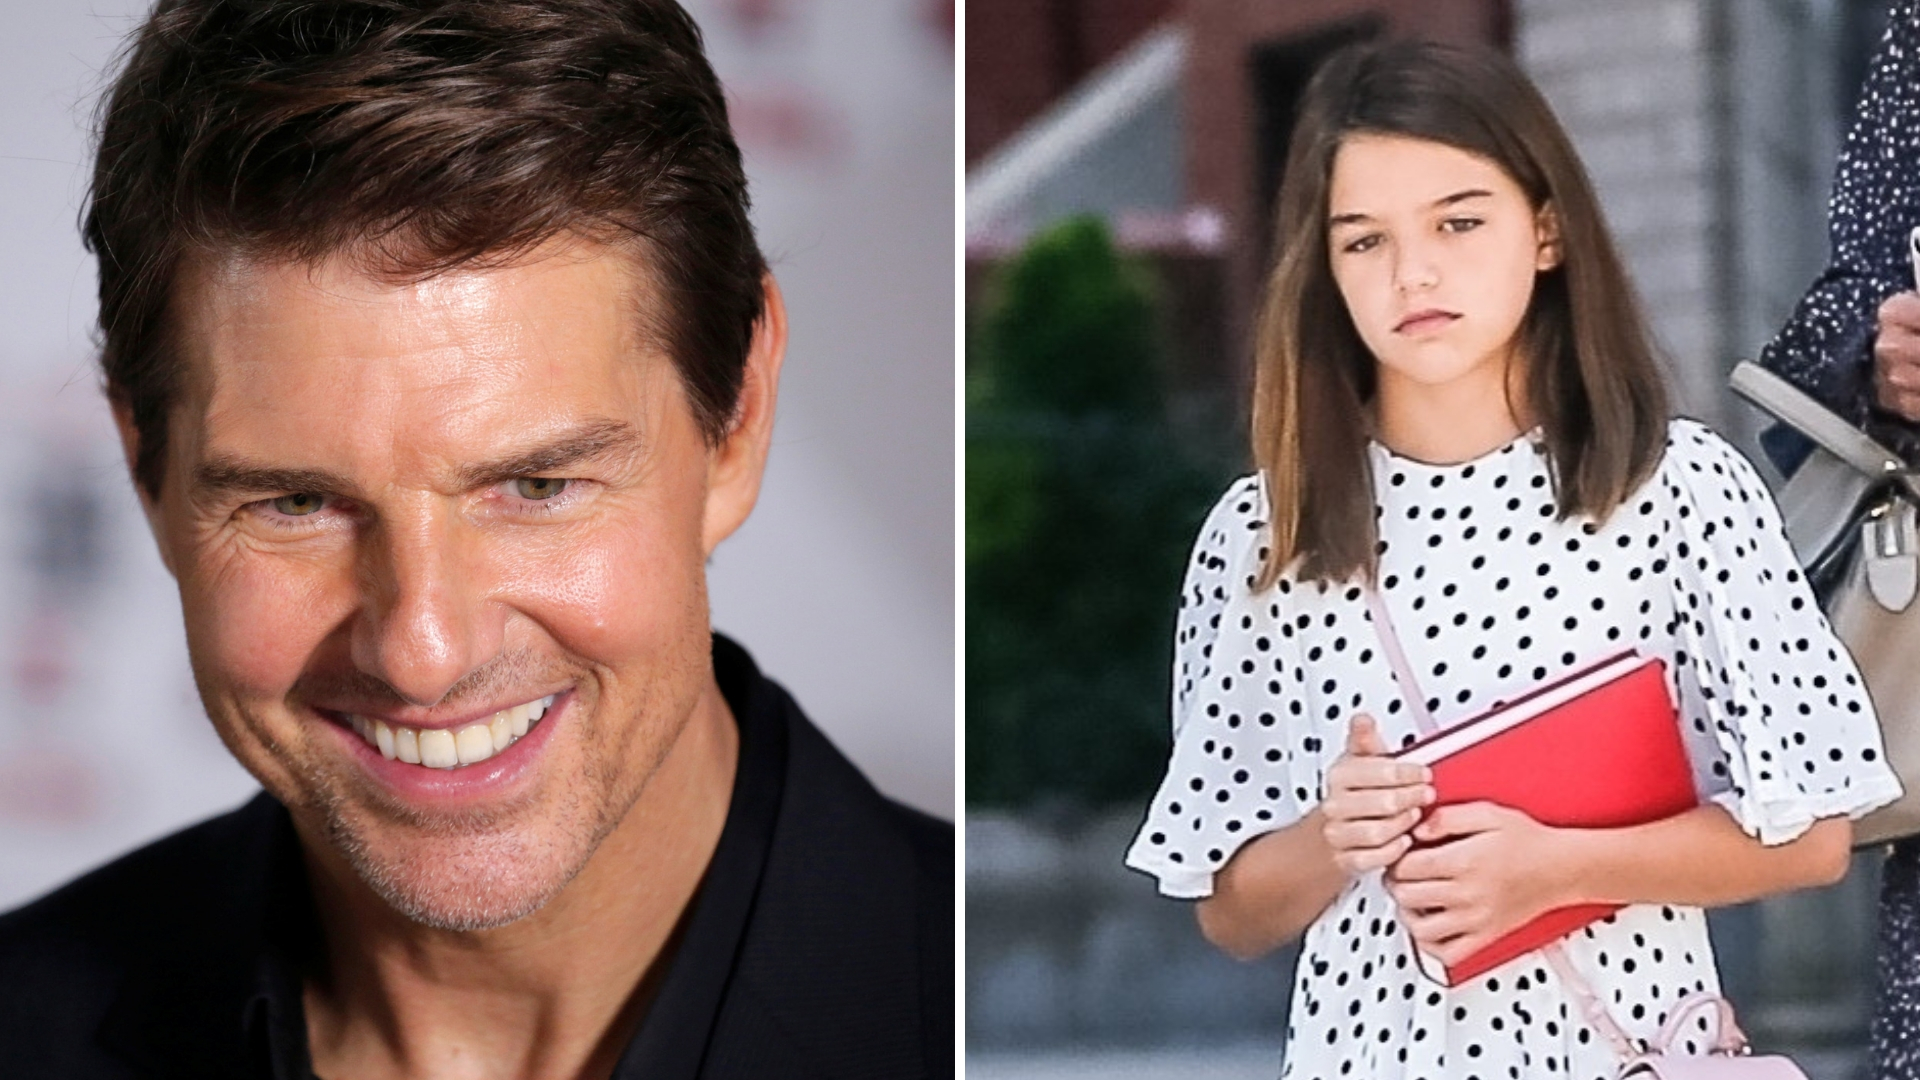 Tom Cruise NIE CHCE widywać córki. Światło ujrzały nowe informacje!